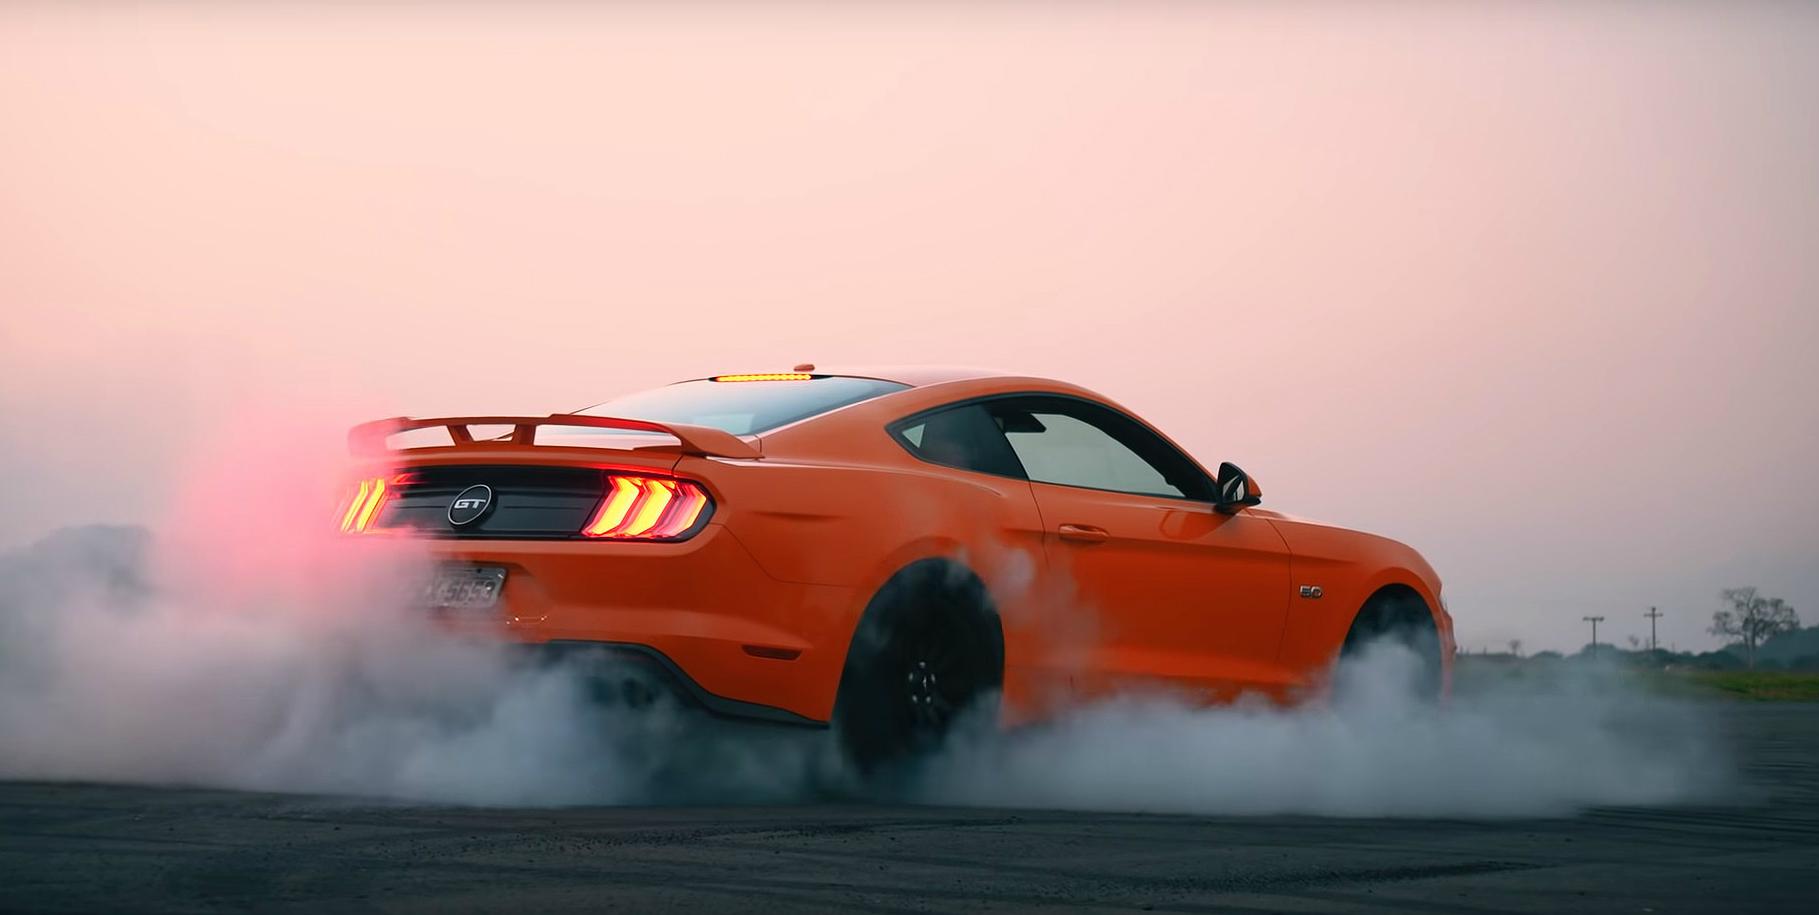 Mustang utiliza motor 5.0 V8 de 466 cv